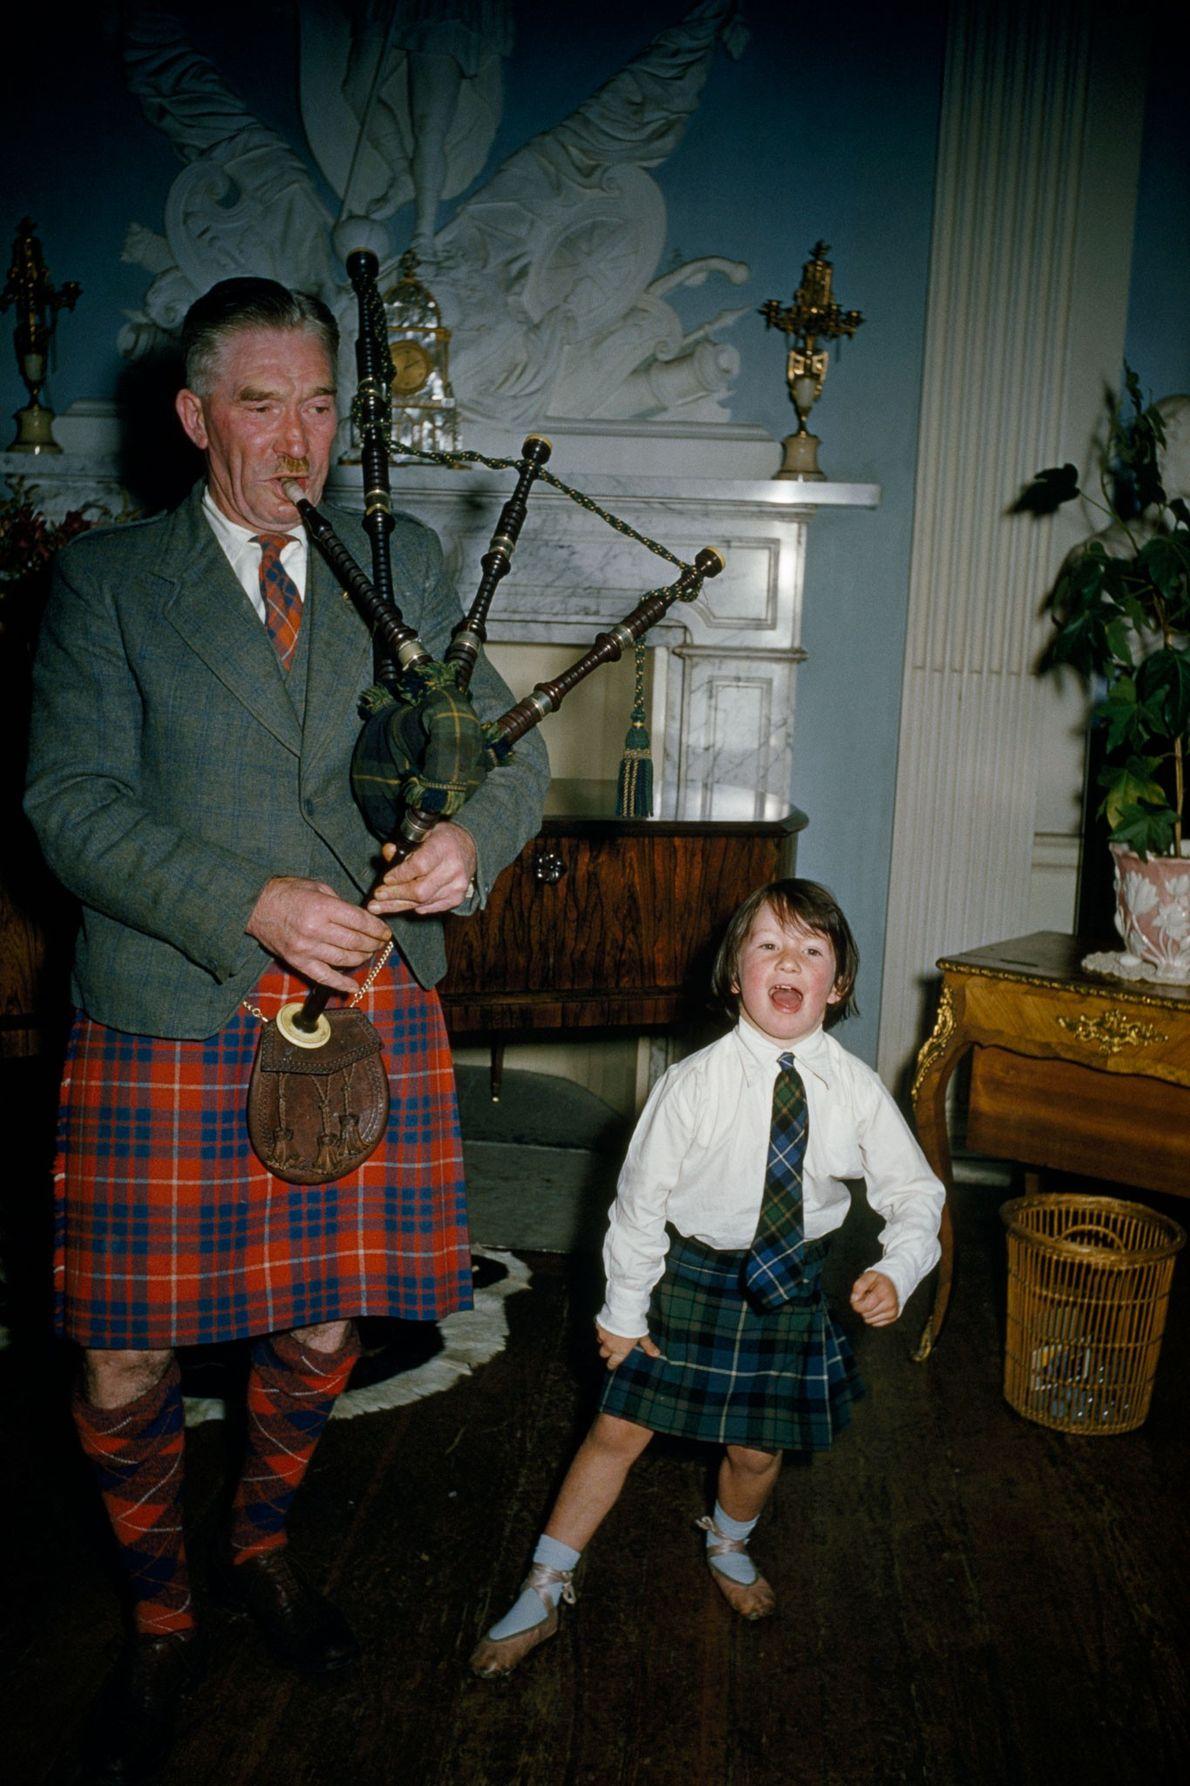 Während der Großvater bei Montrose in Schottland den Dudelsack spielt, tanzt seine Enkelin den Highland Fling. ...